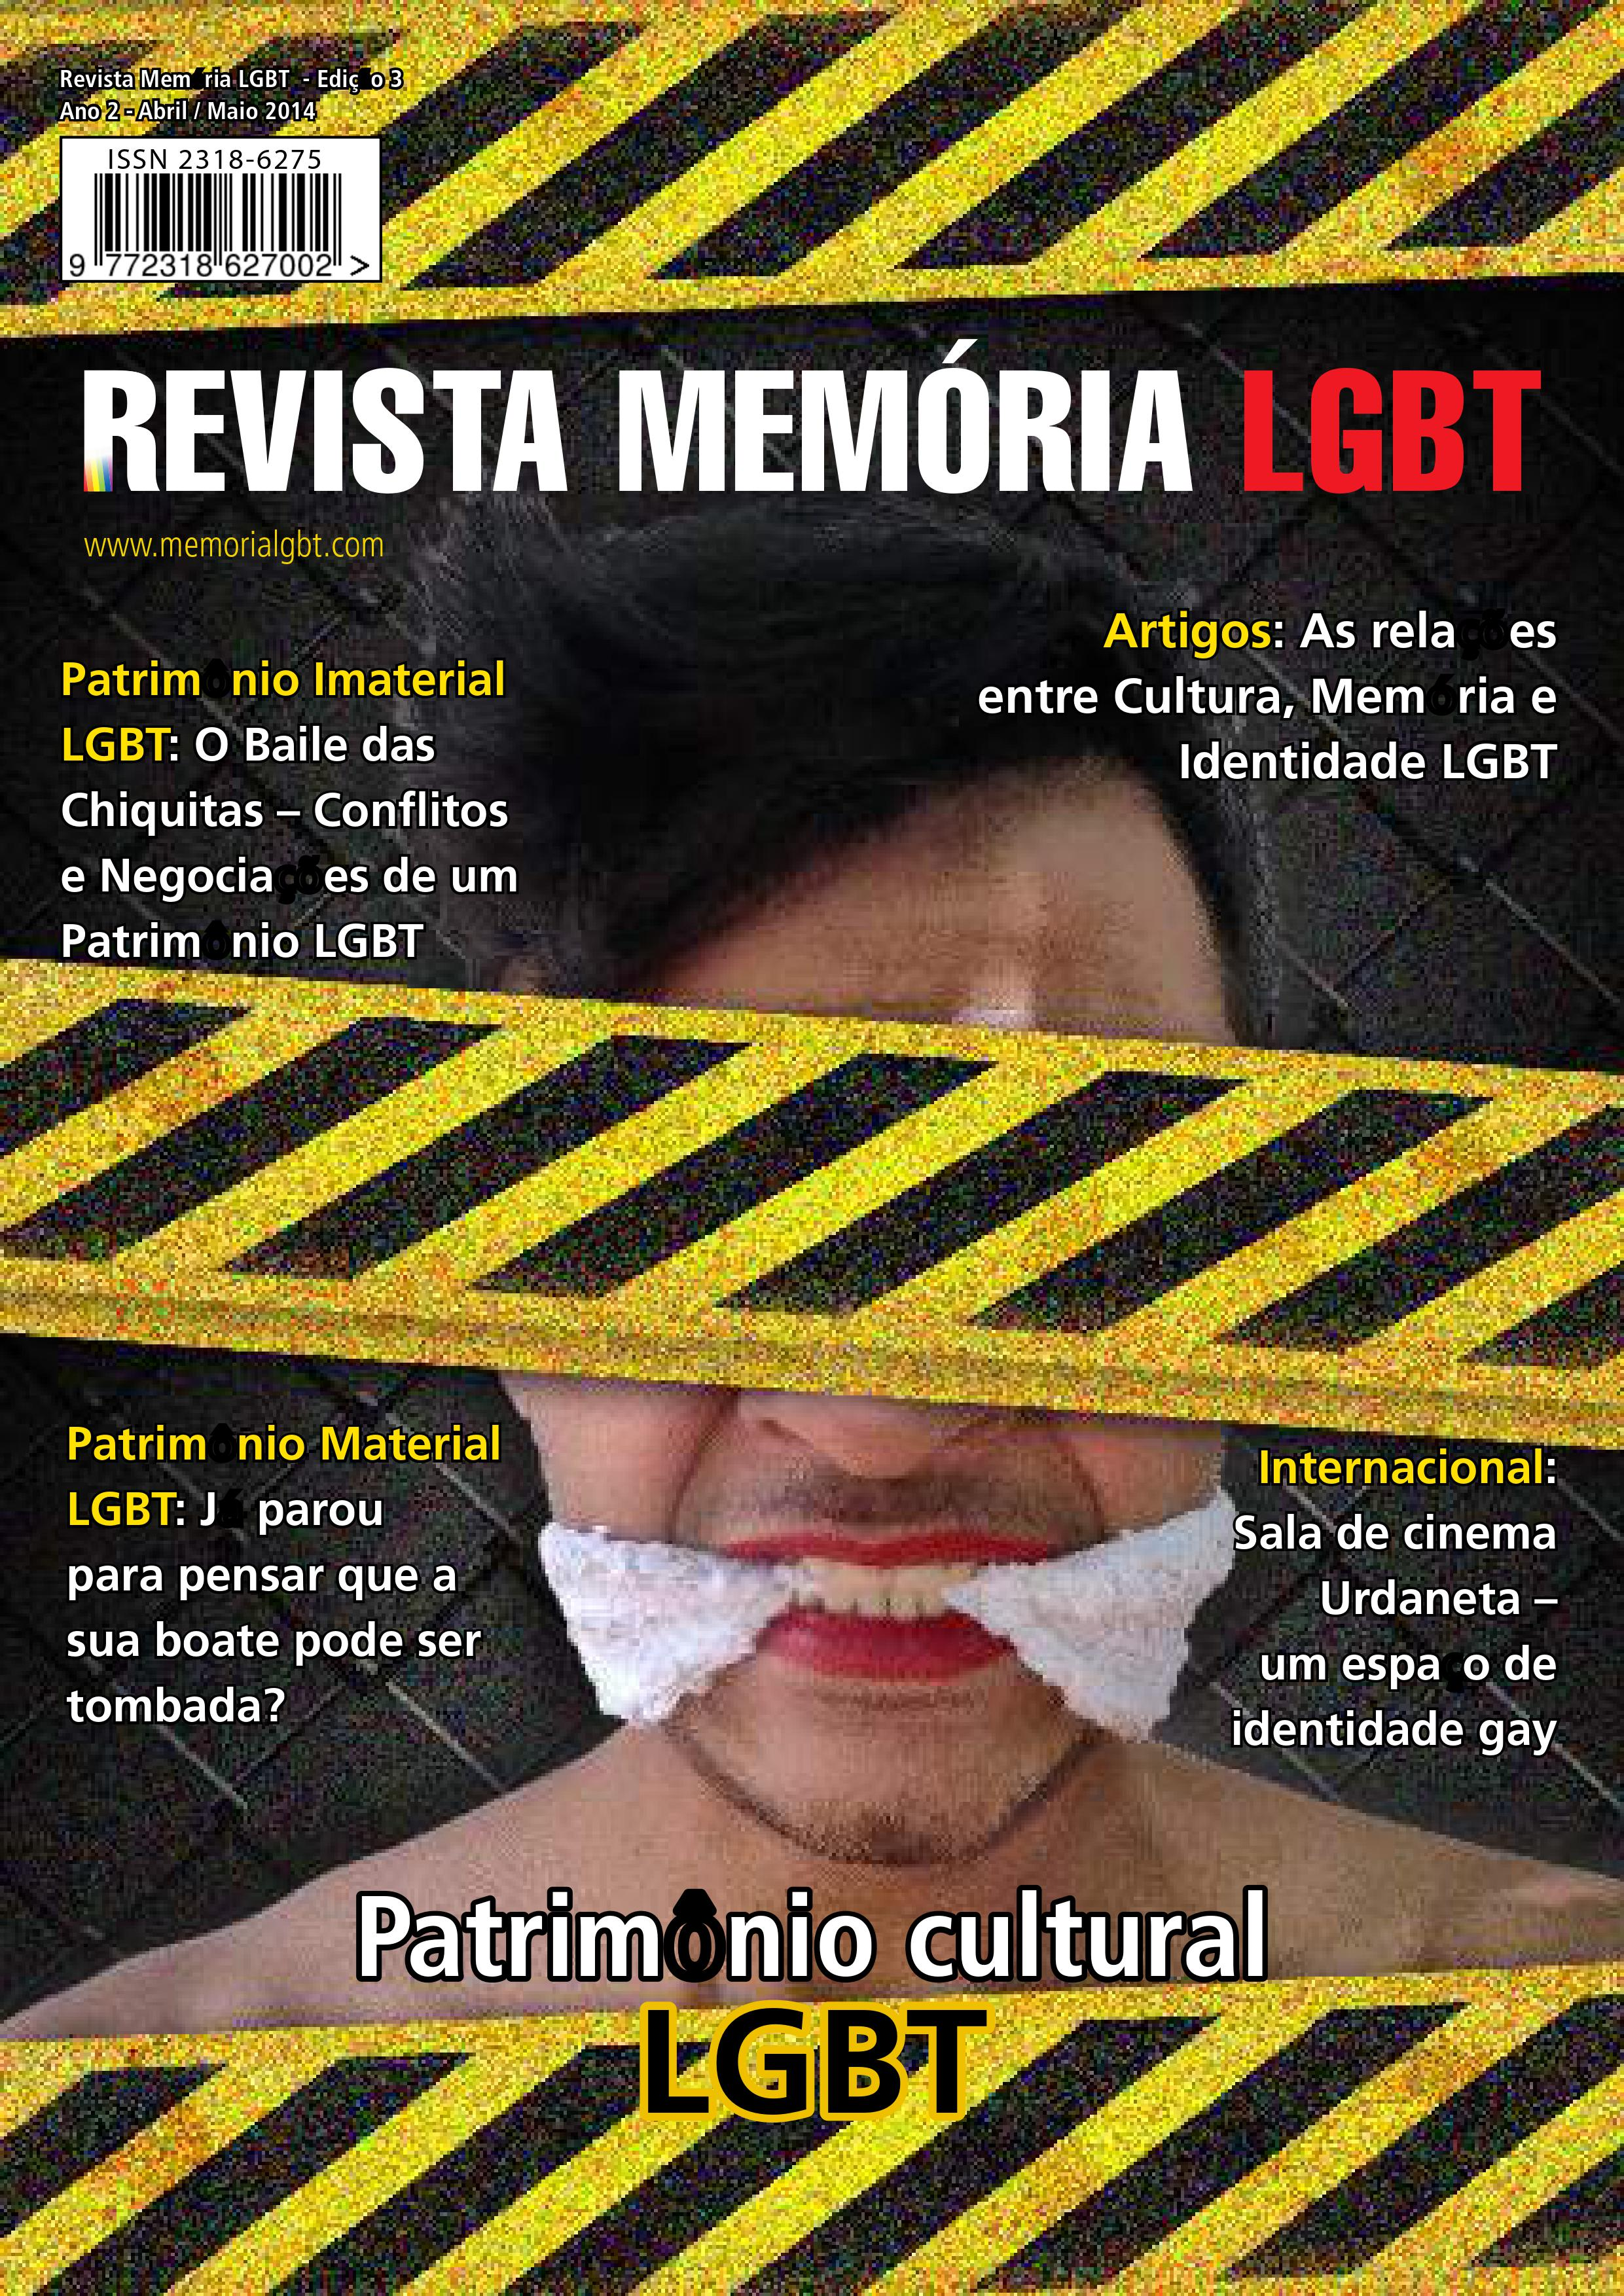 Revista Memória LGBT - Edição 03